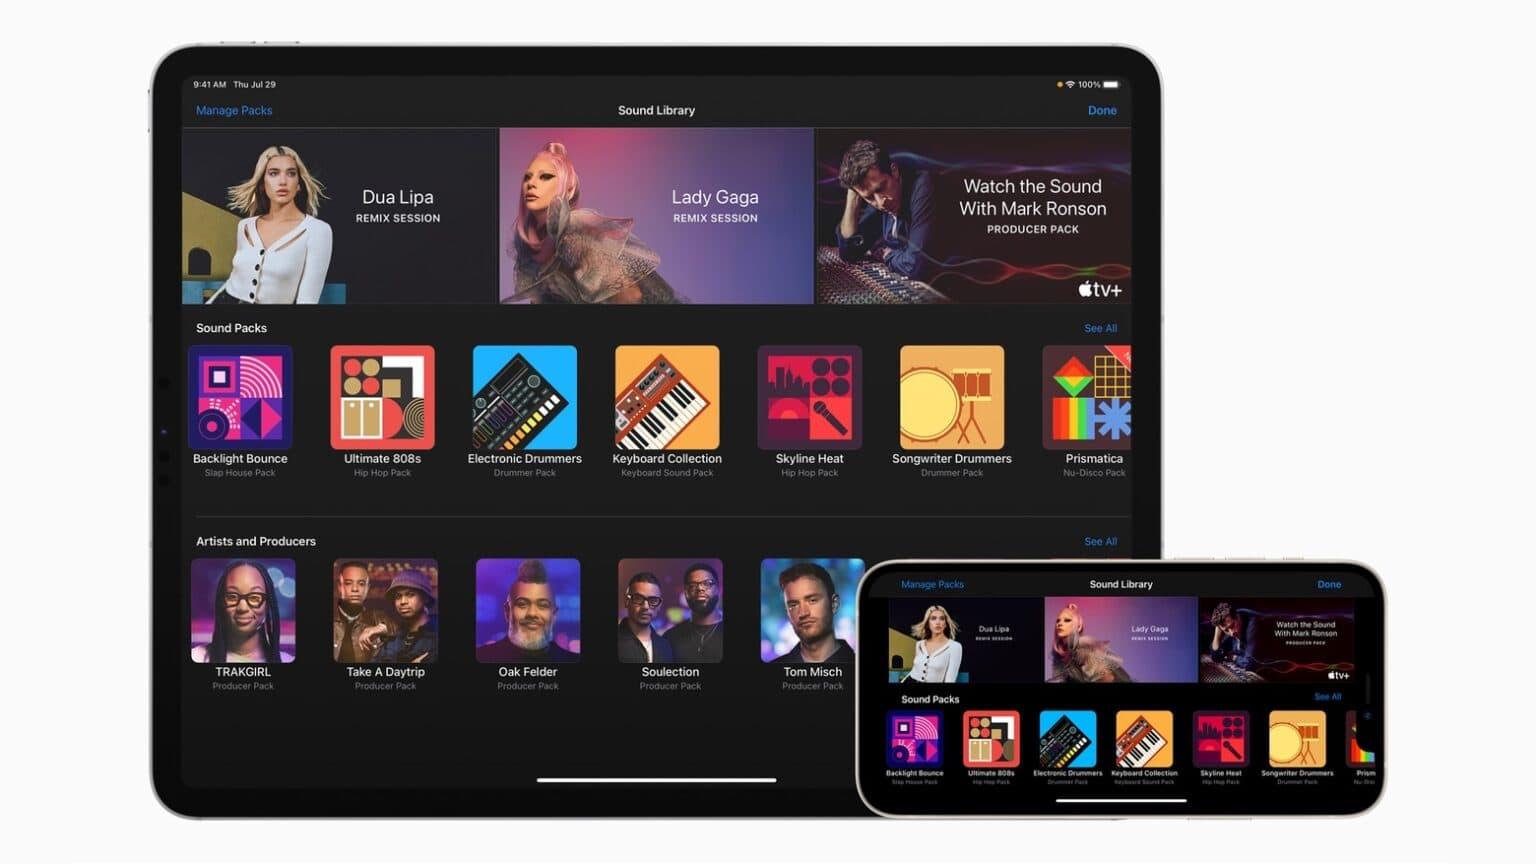 GarageBand de Apple enseña remezclas musicales con Lady Gaga, canciones de Dua Lipa